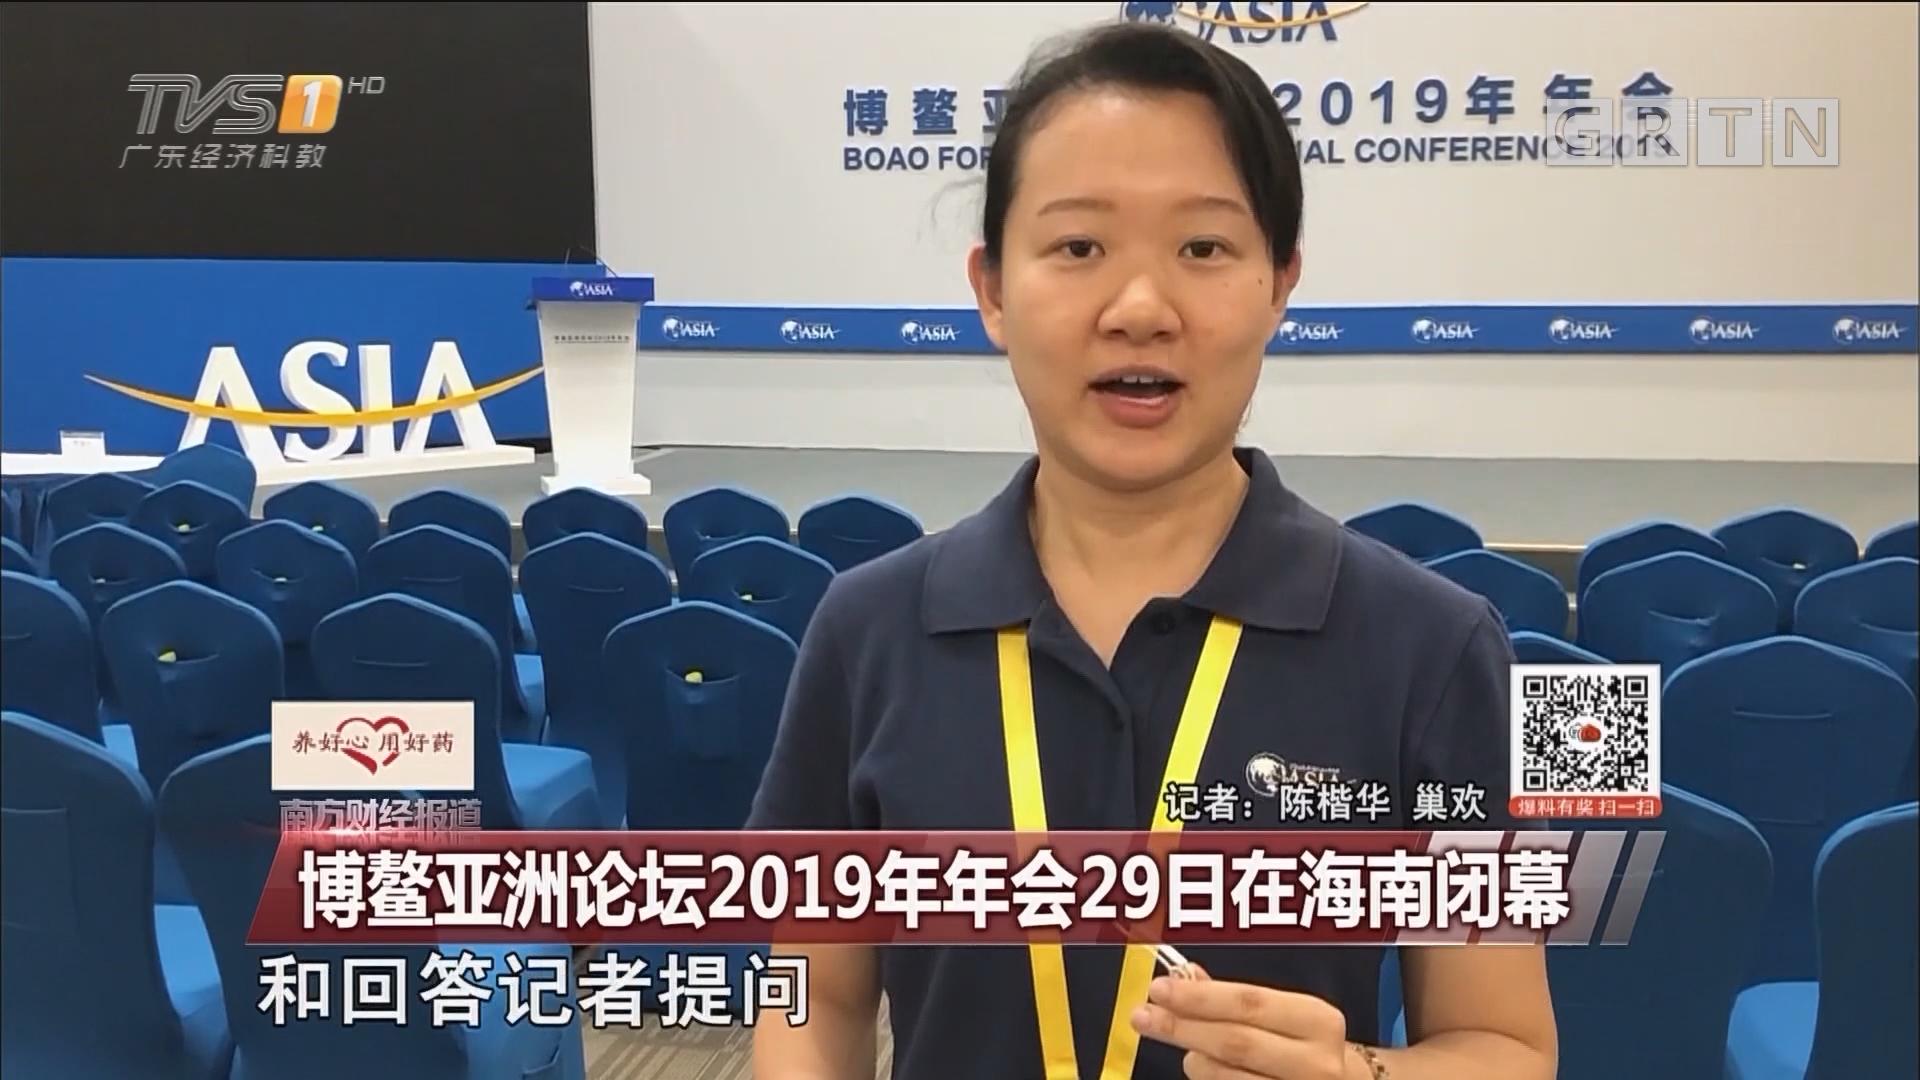 博鳌亚洲论坛2019年年会29日在海南闭幕